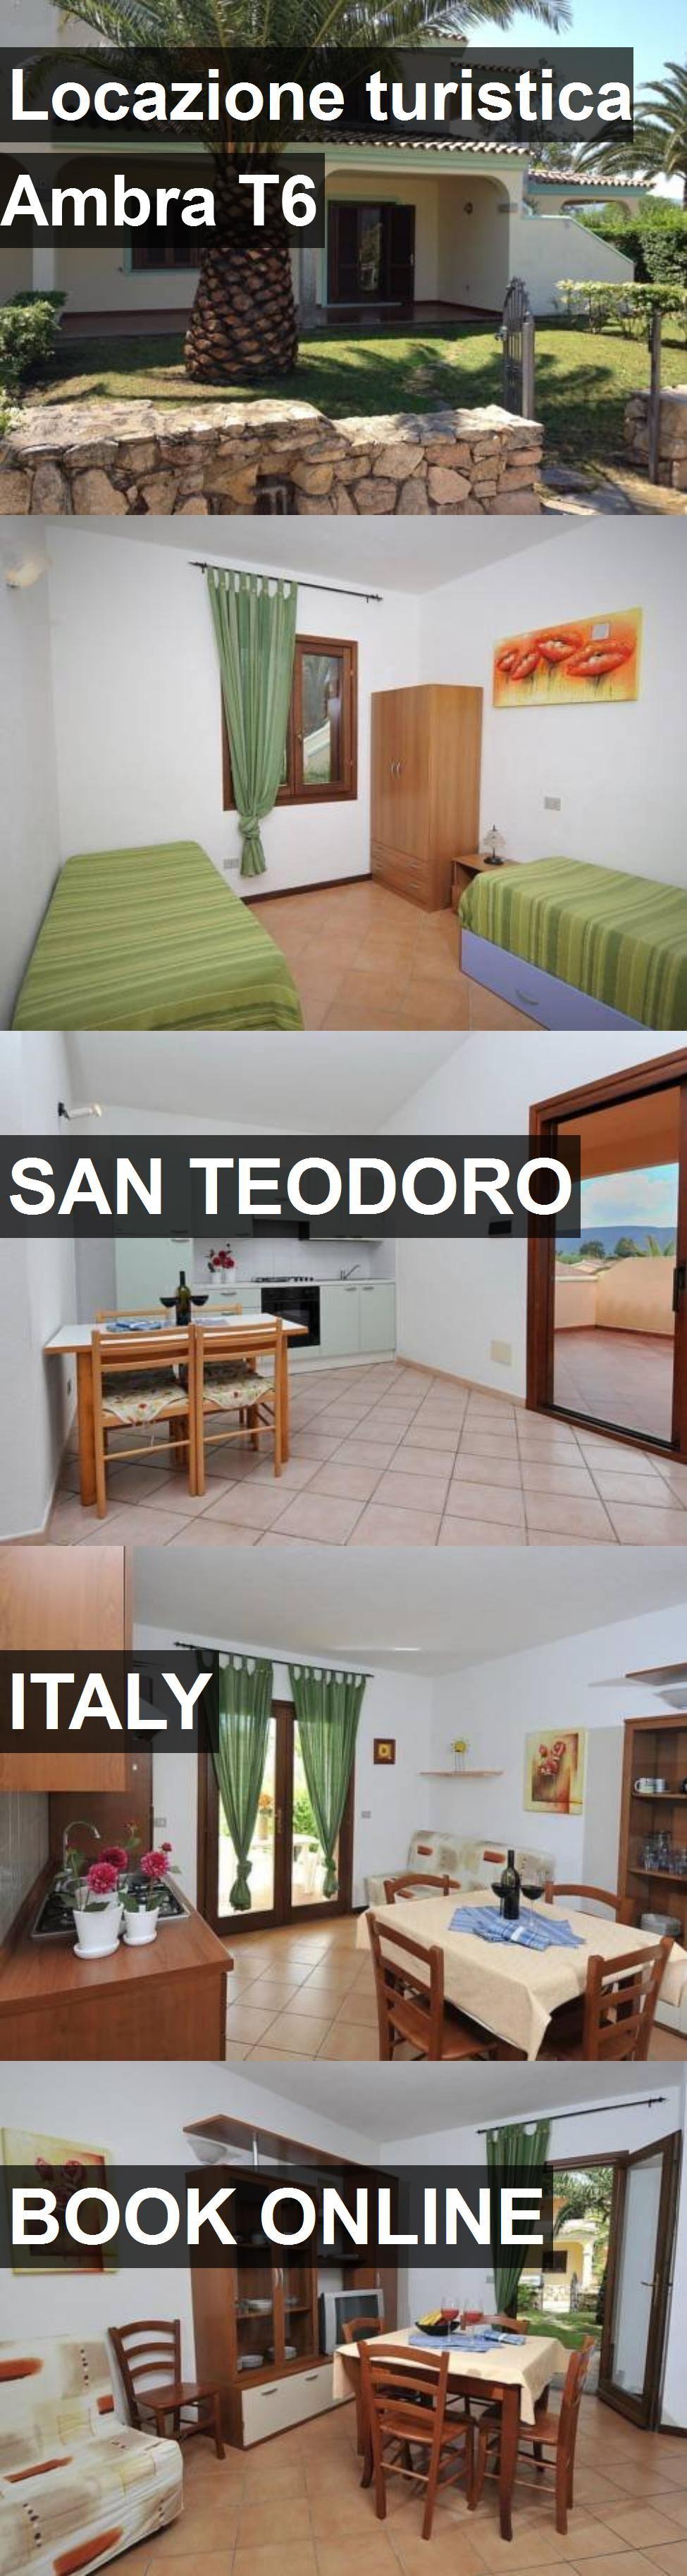 Hotel Locazione turistica Ambra T6 in San Teodoro, Italy